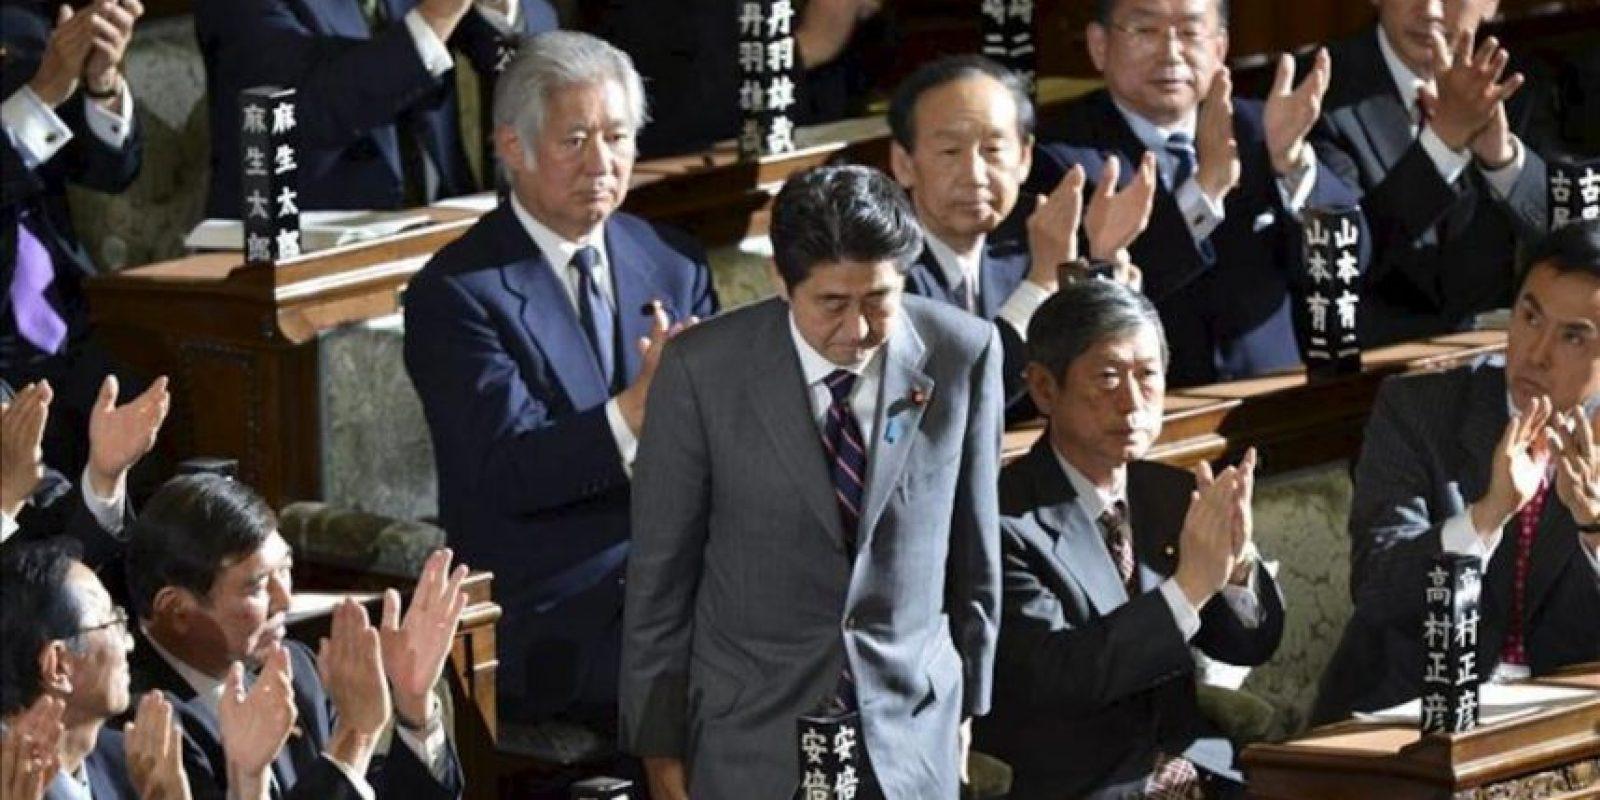 El líder del Partido Liberal Democrático (PLD) y nuevo primer ministro Shinzo Abe (centro), tras ser nombrado primer ministro en la Casa de Representantes en Tokio (Japón) hoy, miércoles 26 de diciembre. EFE